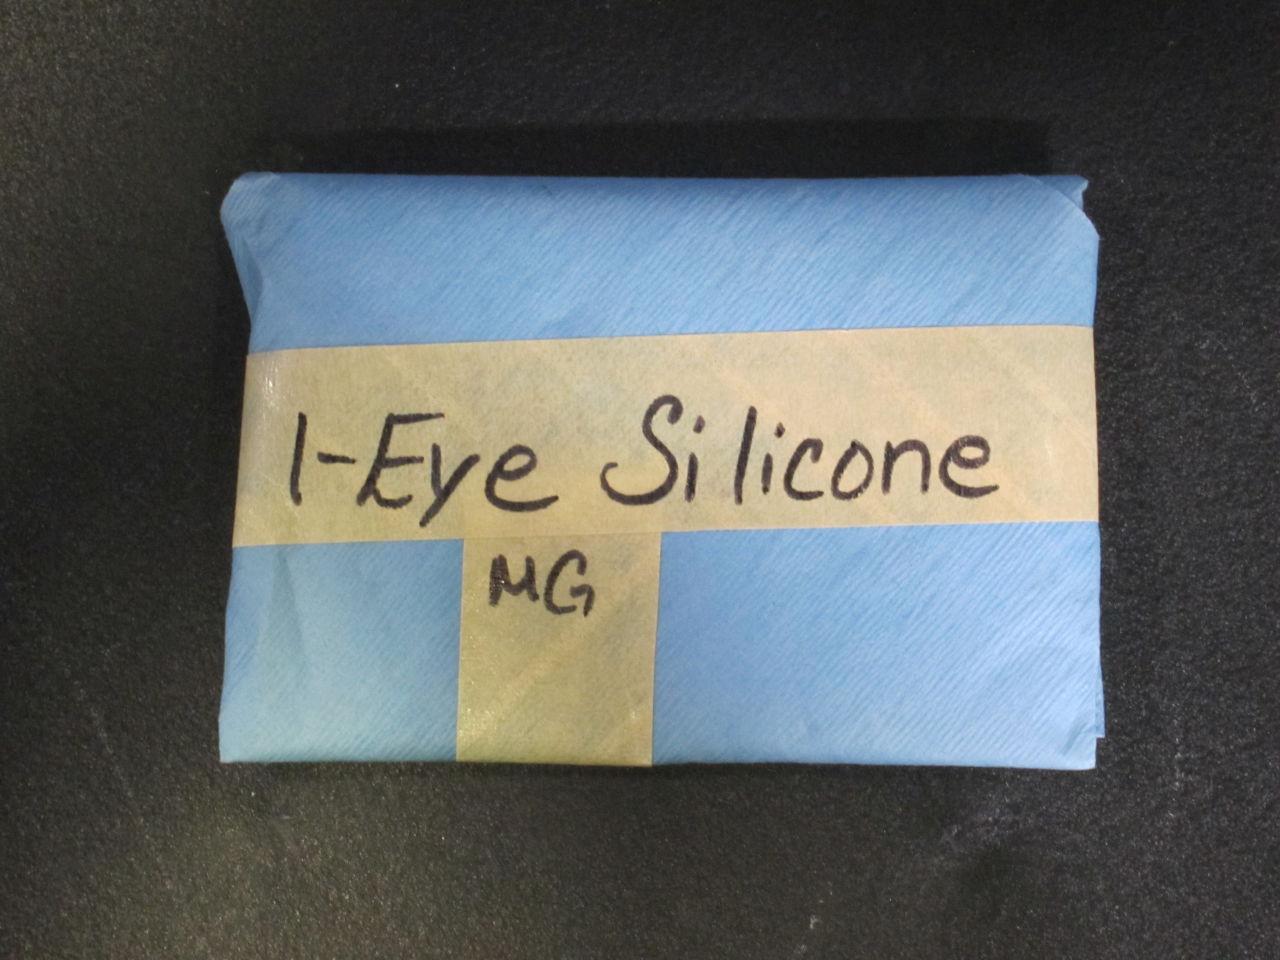 Eye Silicone